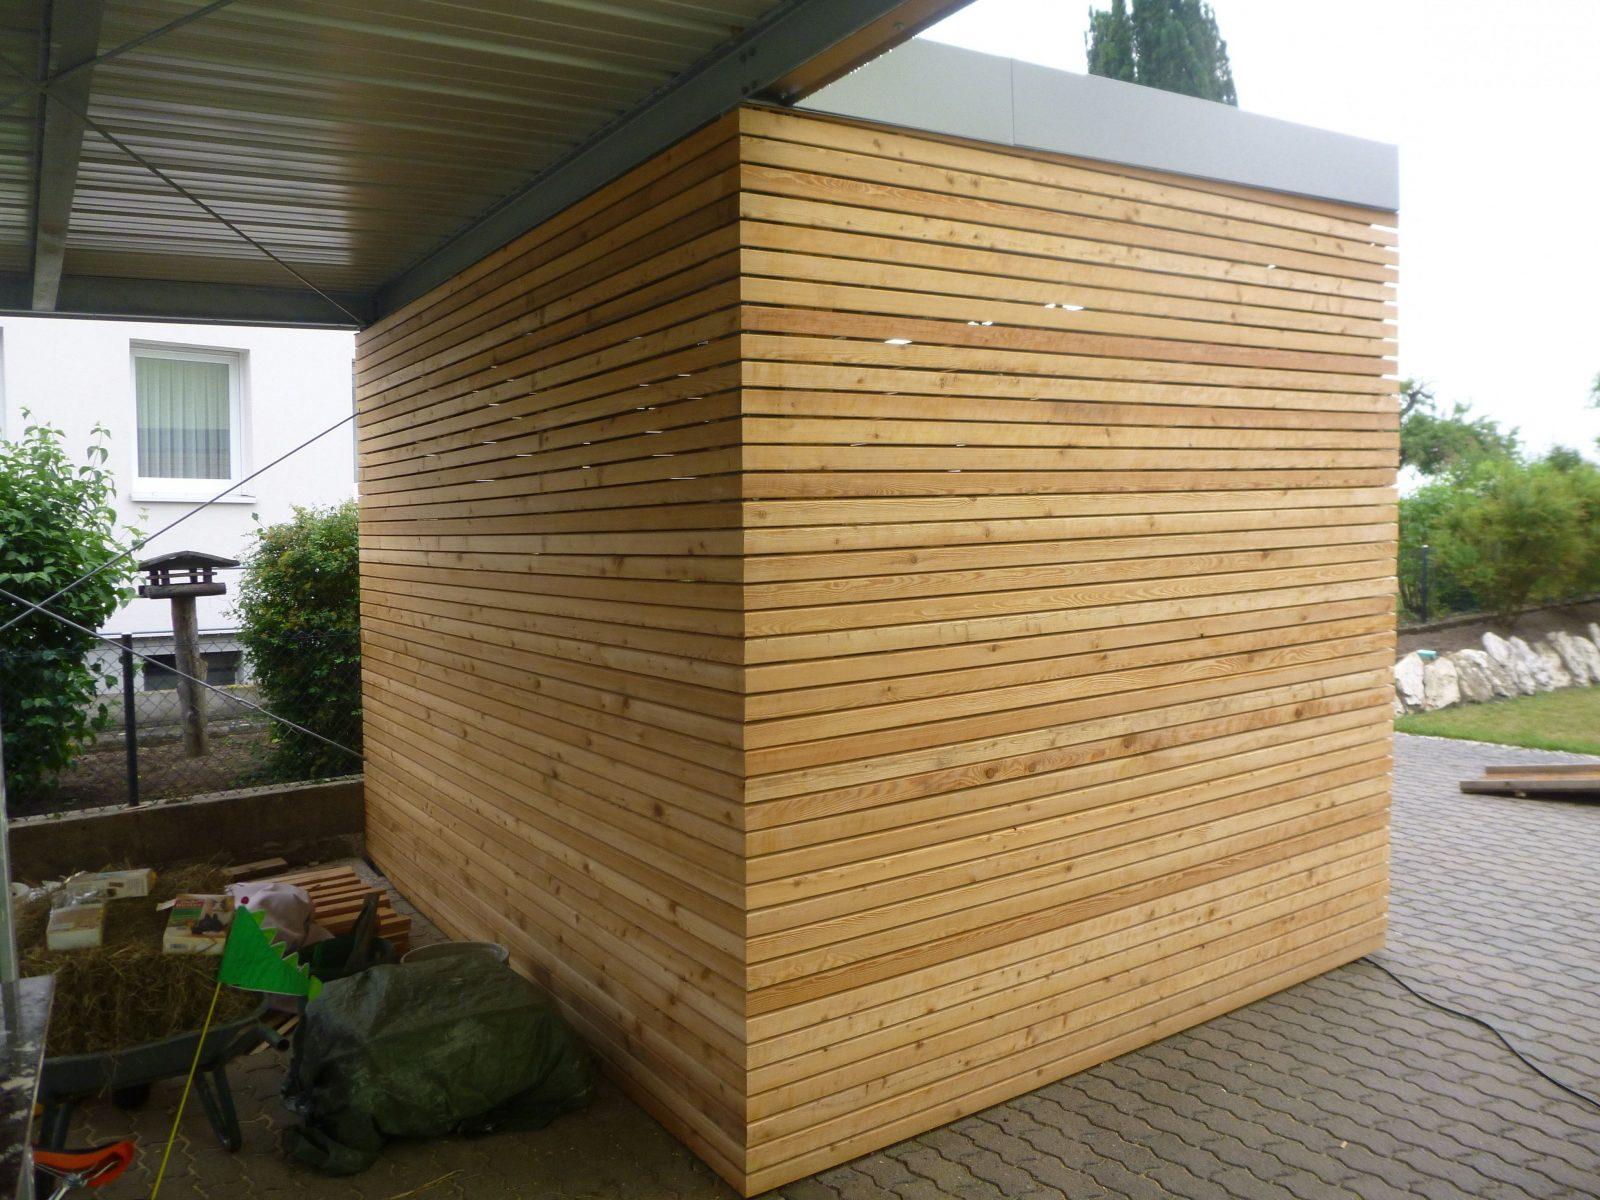 Carporthütte Mit Rhombusleisten Bauanleitung Zum Selber Bauen von Vordach Selber Bauen Bauanleitung Photo